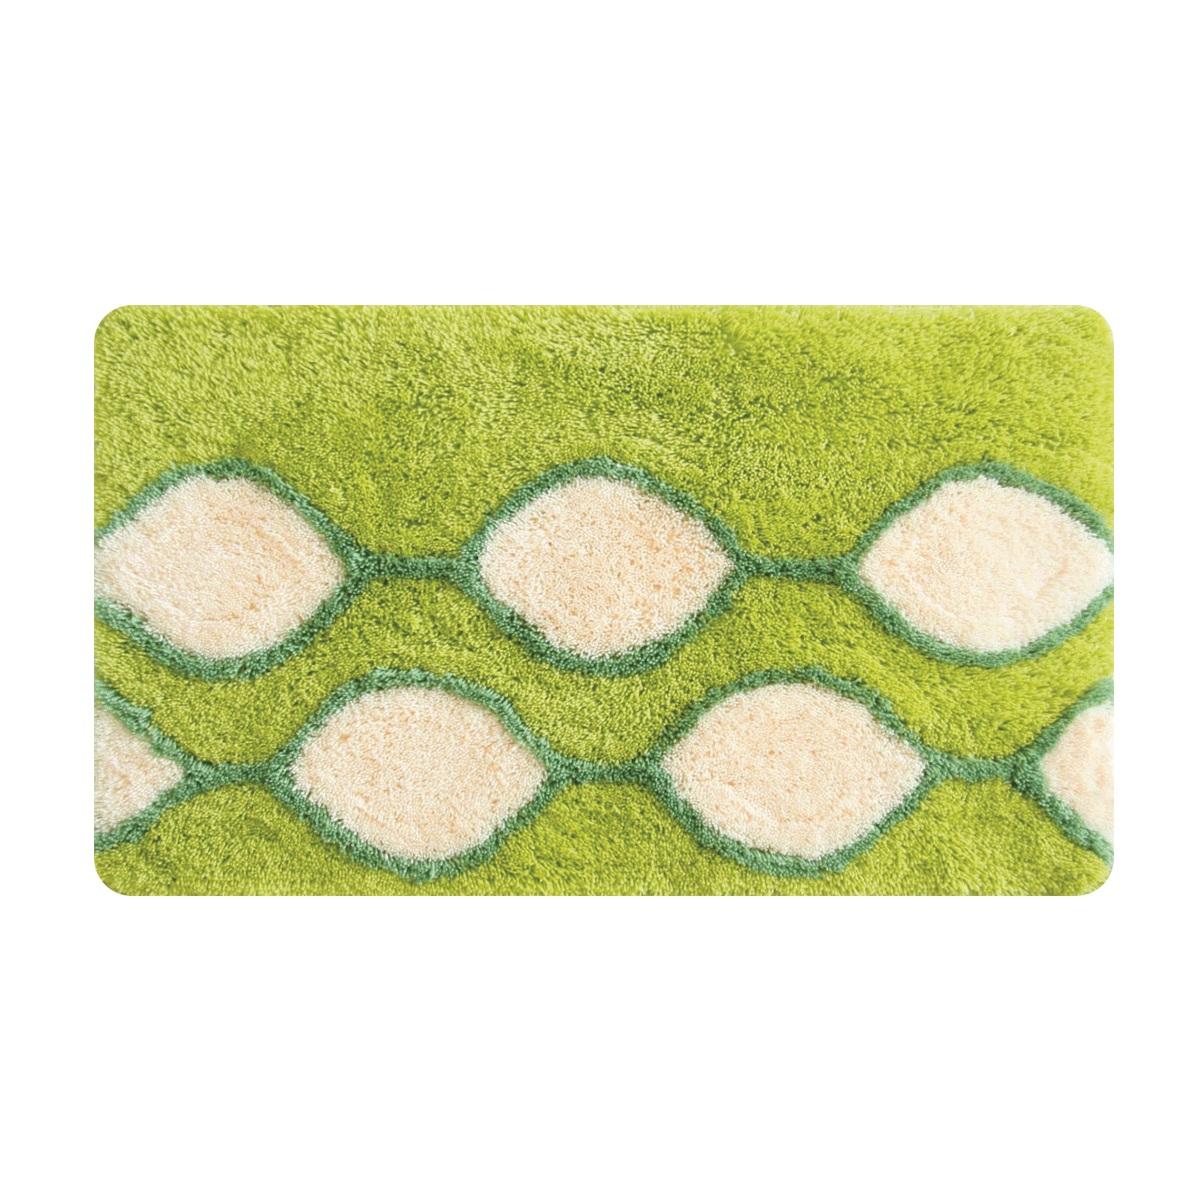 Коврик для ванной Iddis Curved Lines Green, цвет: зеленый, 50 х 80 см402A580I12100% акрил, тканный коврик для ванной комнаты на латексной основе. Высота ворса 2.5см. Упаковка ПП пакет